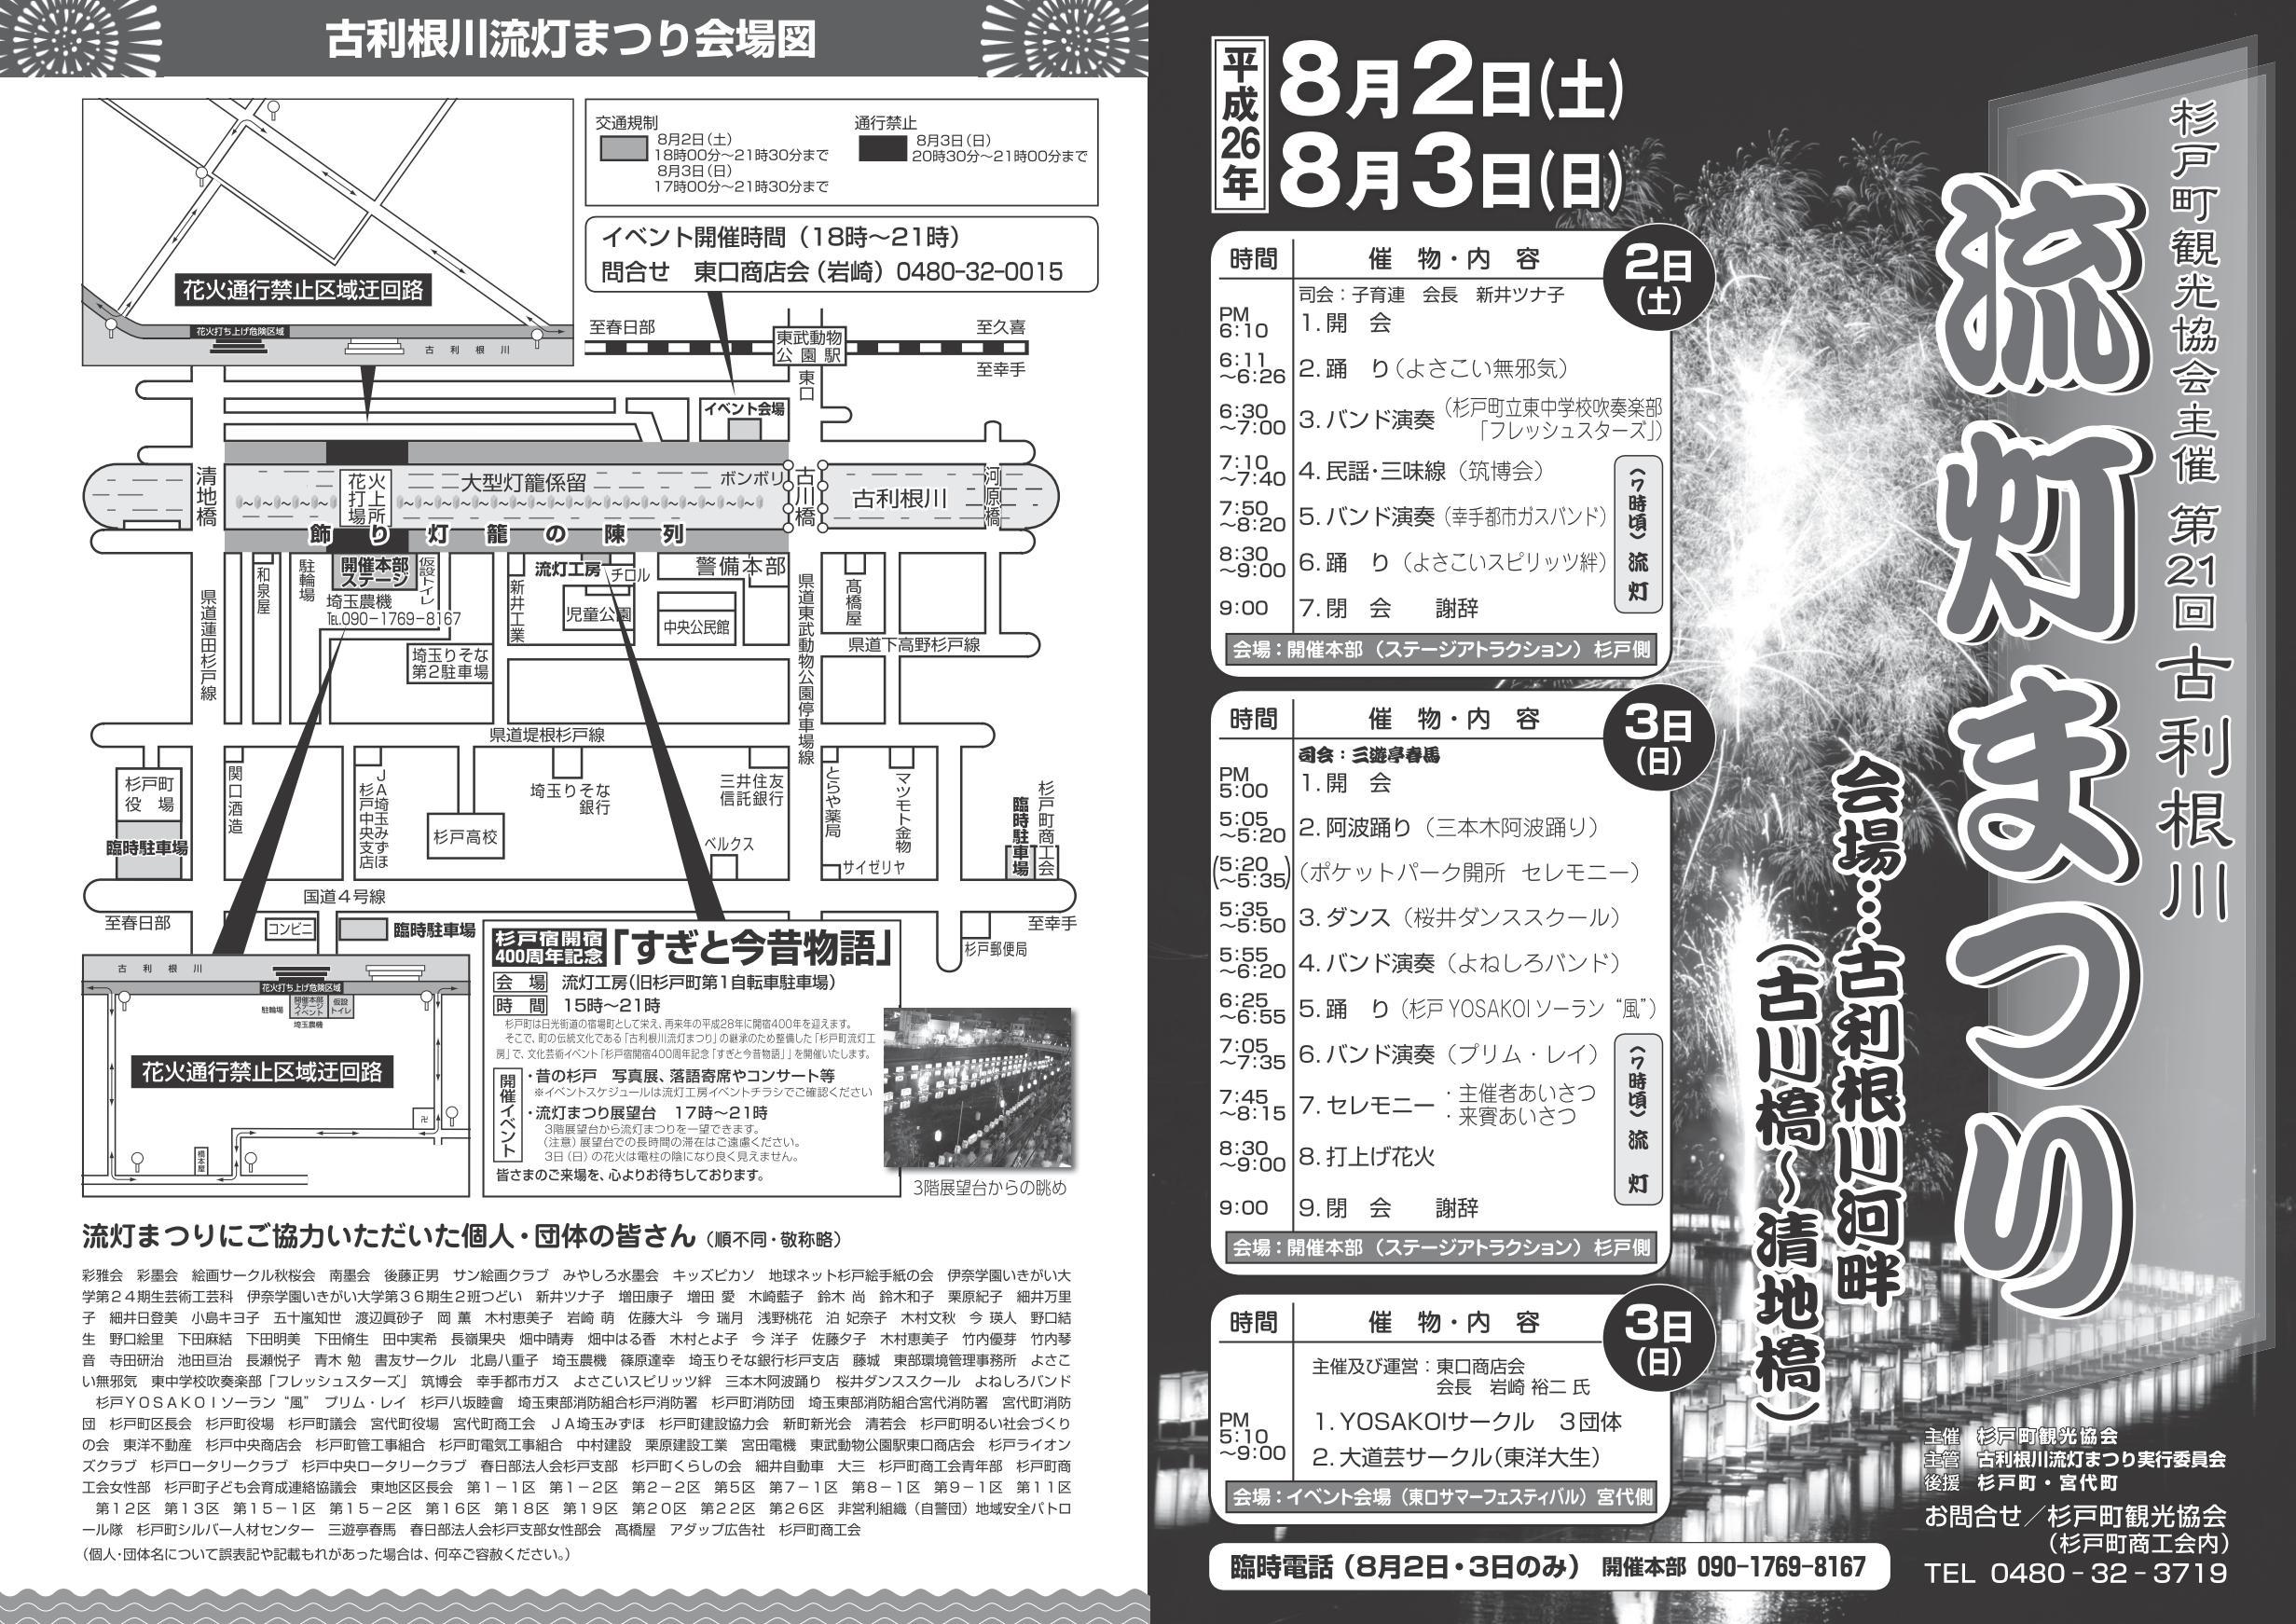 杉戸流灯プログラム2014見開_01